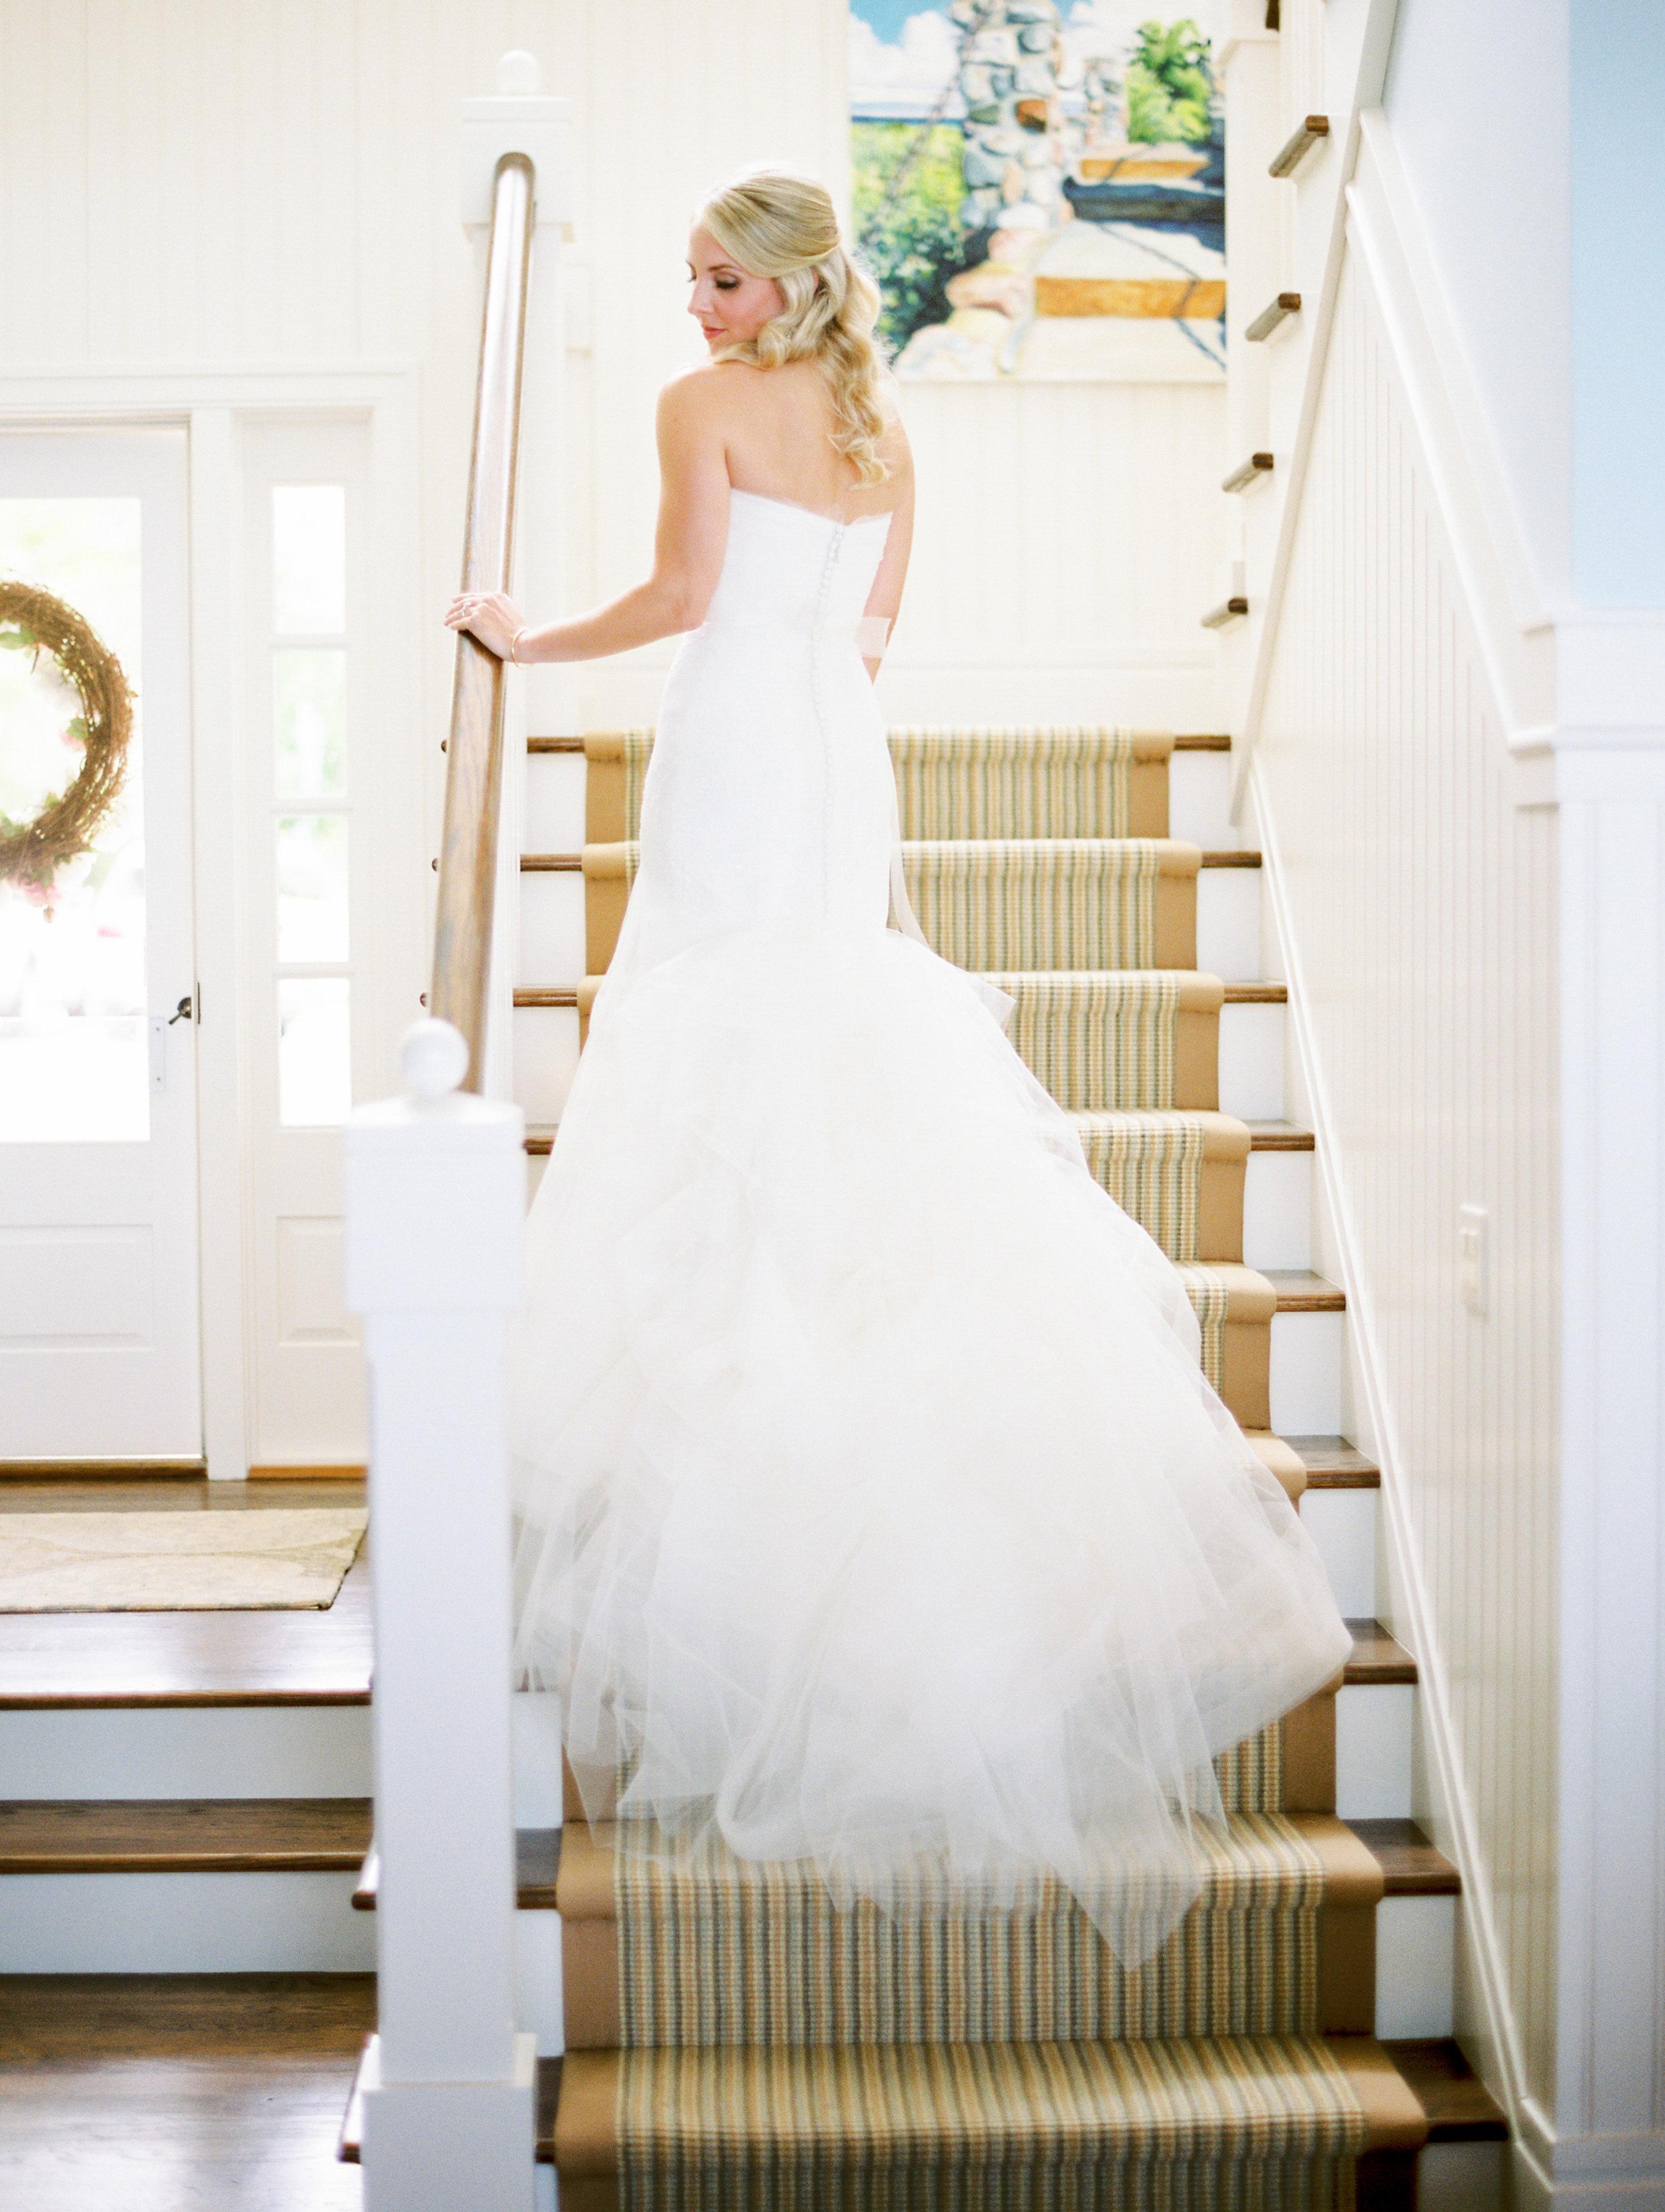 Coffman+Wedding+Getting+Ready+Girls-169.jpg